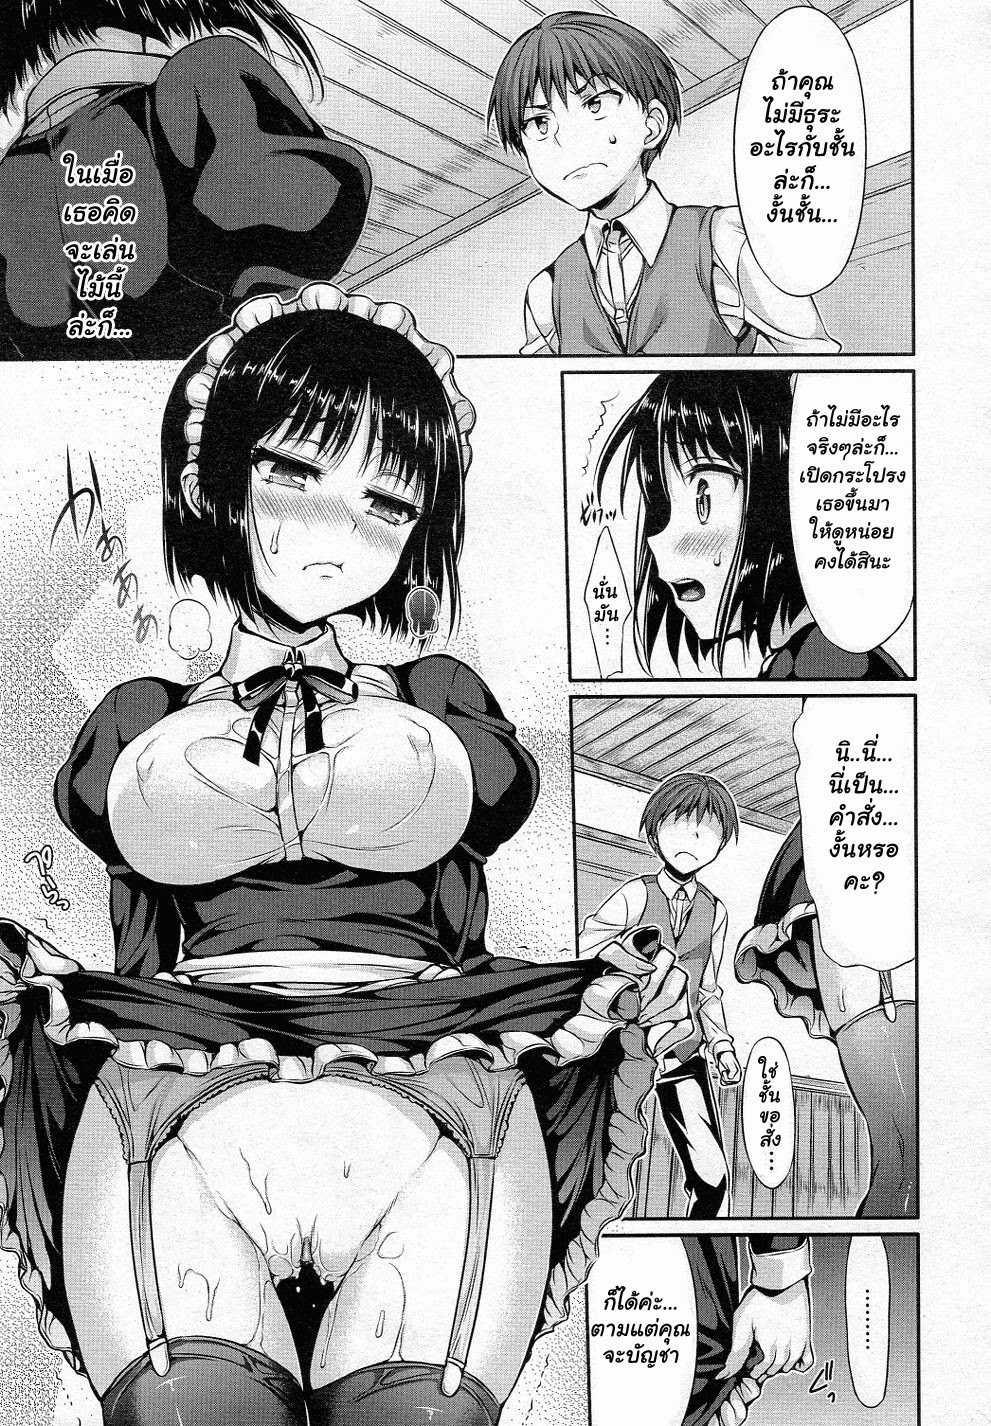 hisasi-maid-in-secret